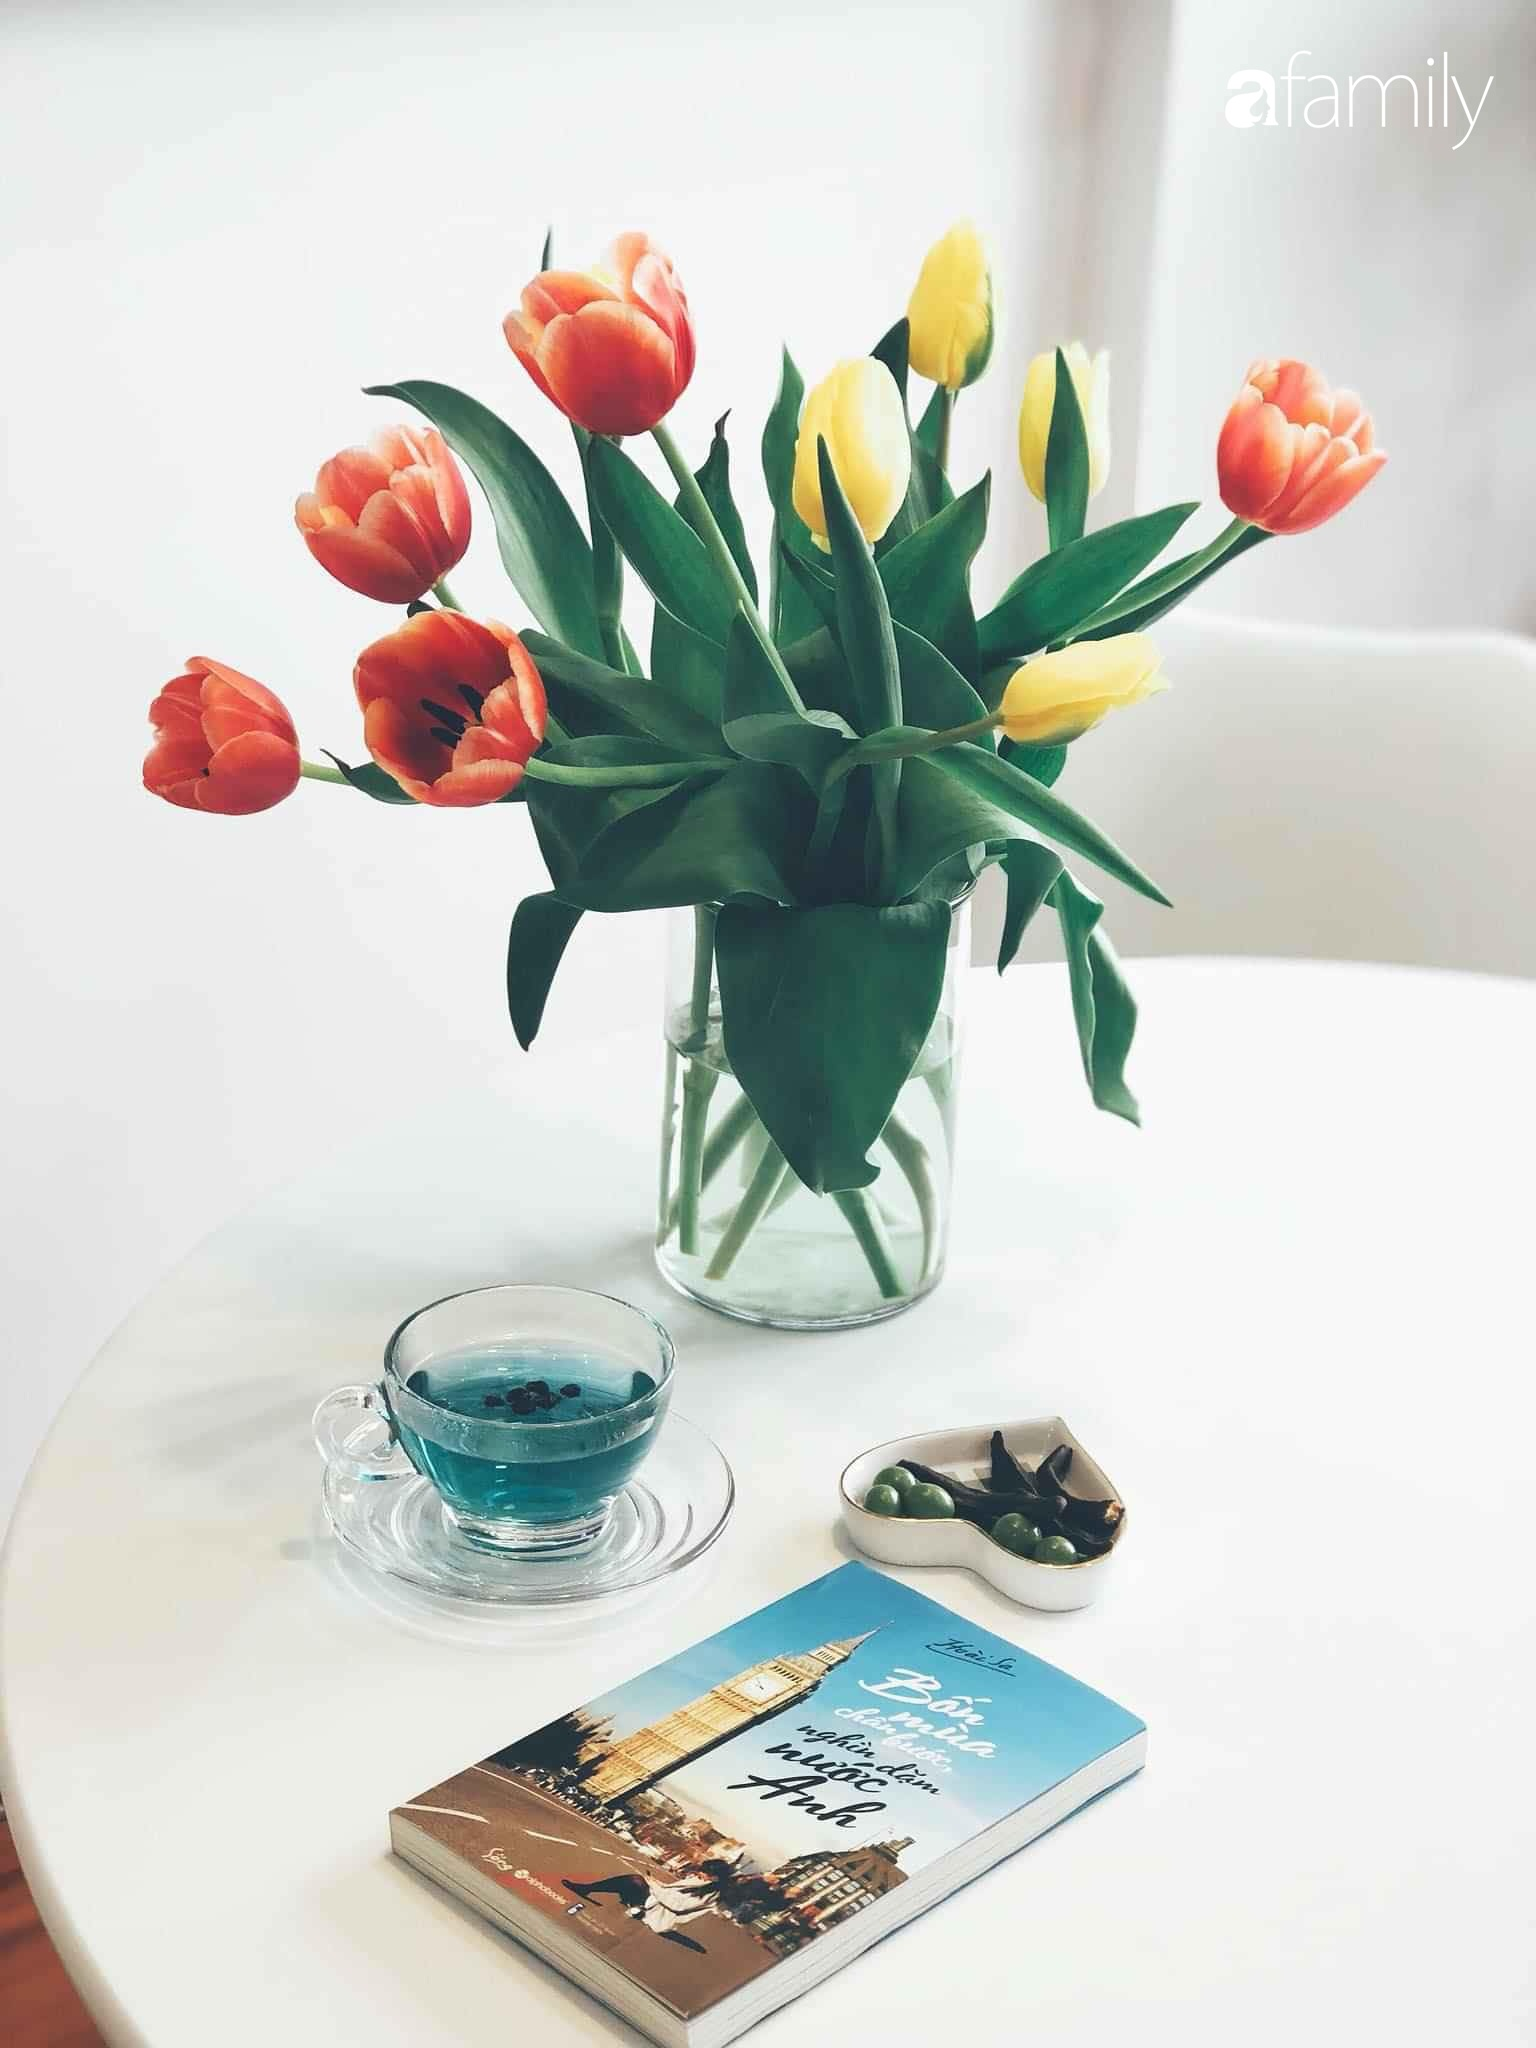 Bí quyết decor căn hộ 60m² luôn ngọt ngào và thoảng nhẹ hương thơm dịu dàng ở Hà Nội - Ảnh 9.